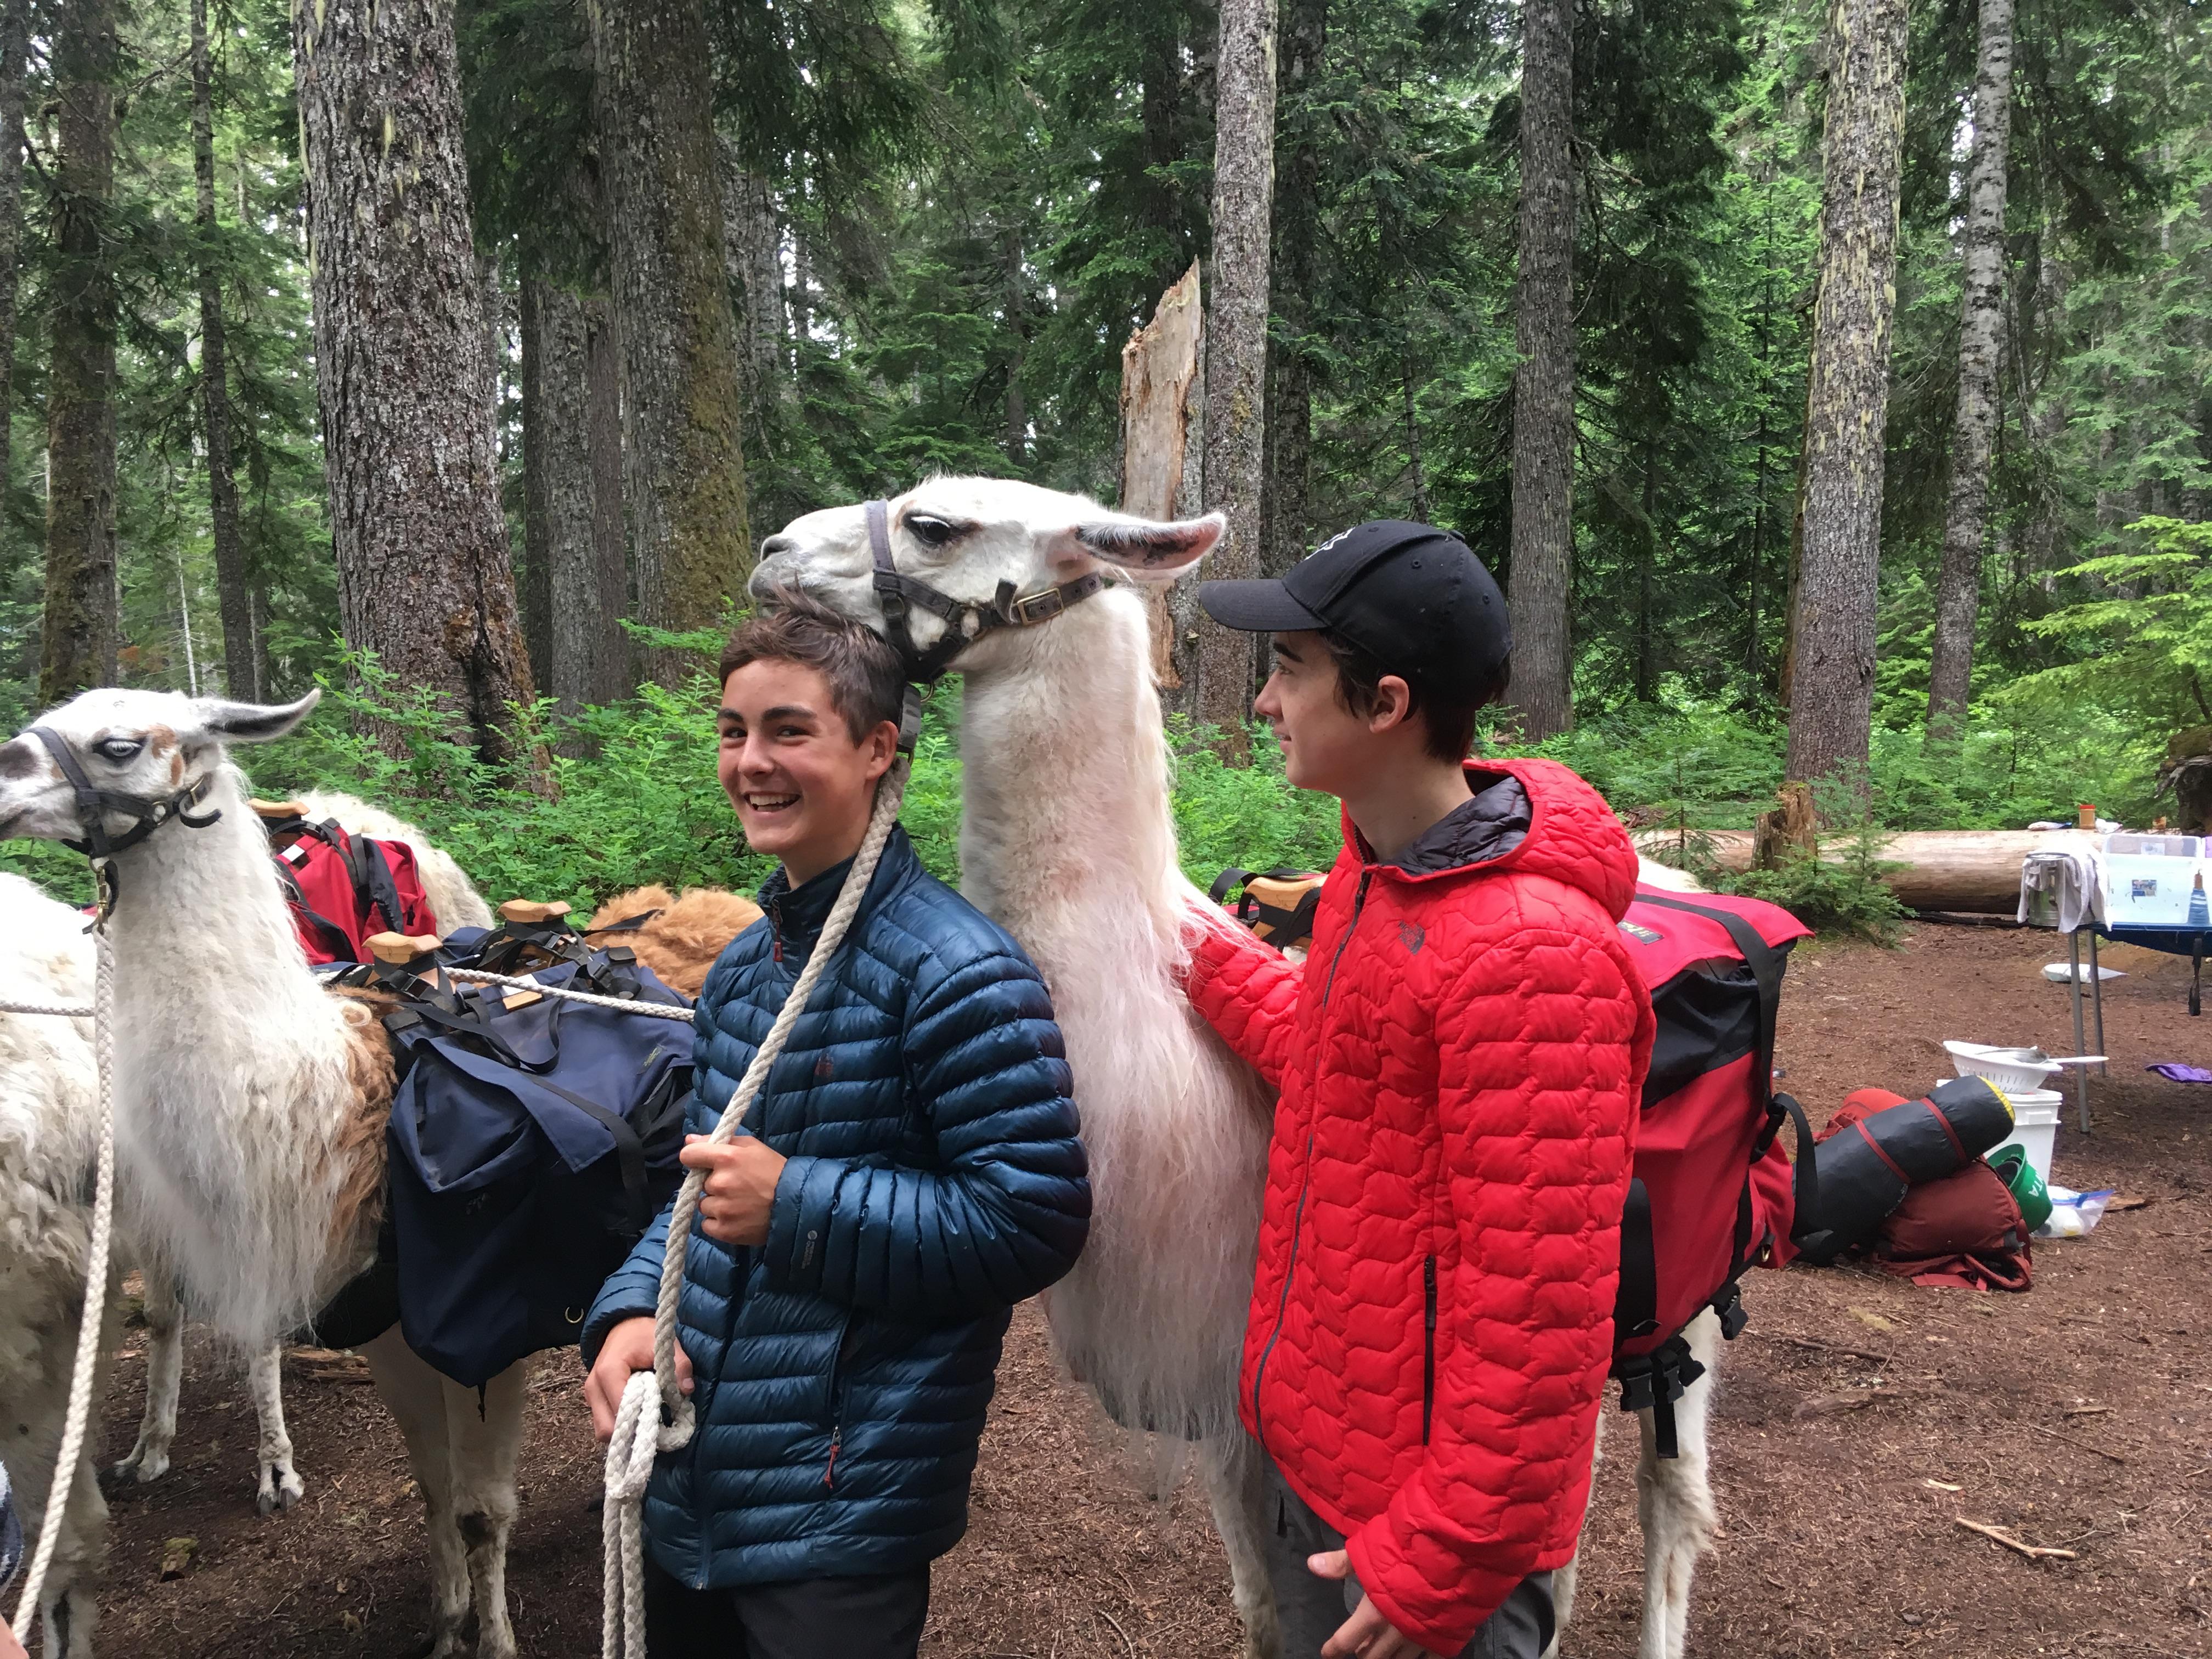 Youth Llama 2019